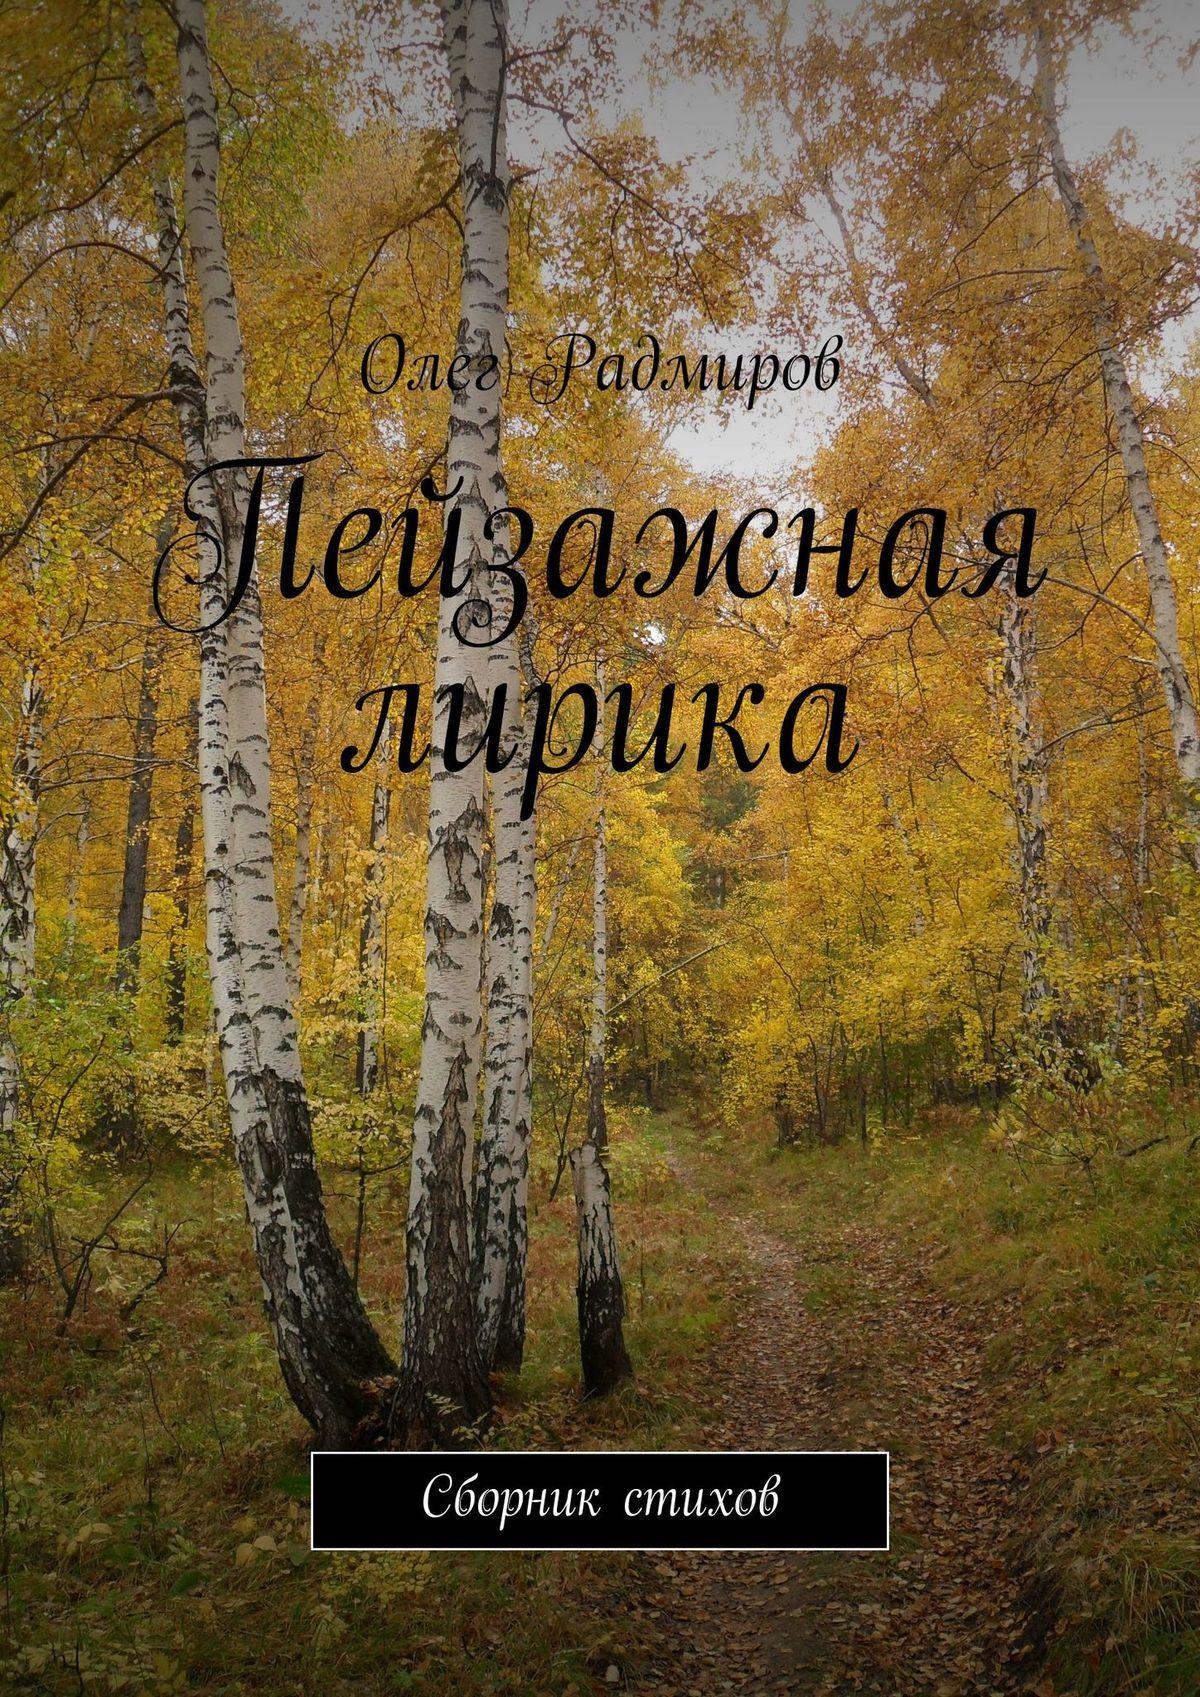 Пейзажная лирика. Сборник стихов